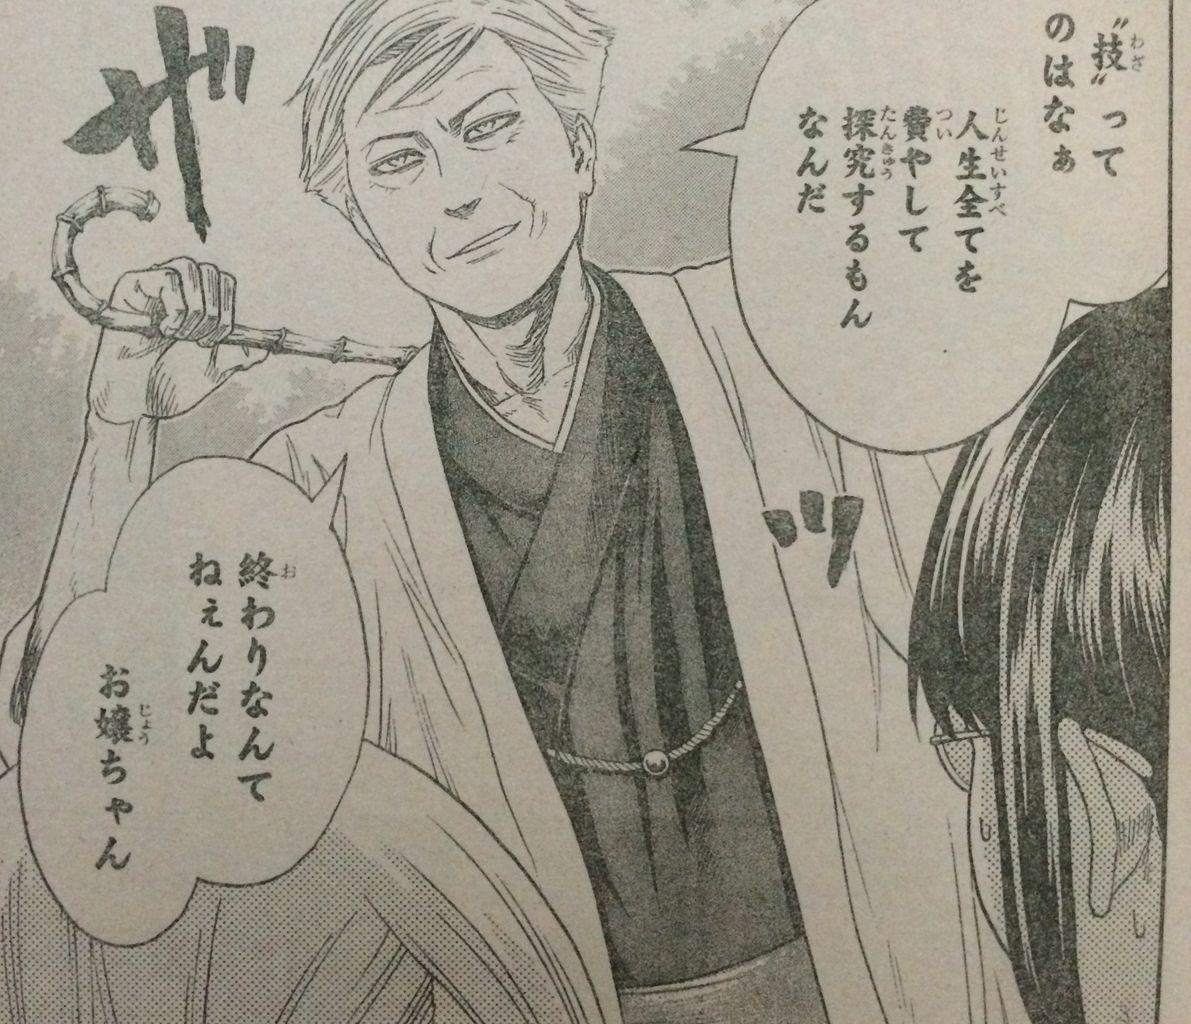 火ノ丸相撲の画像 p1_22